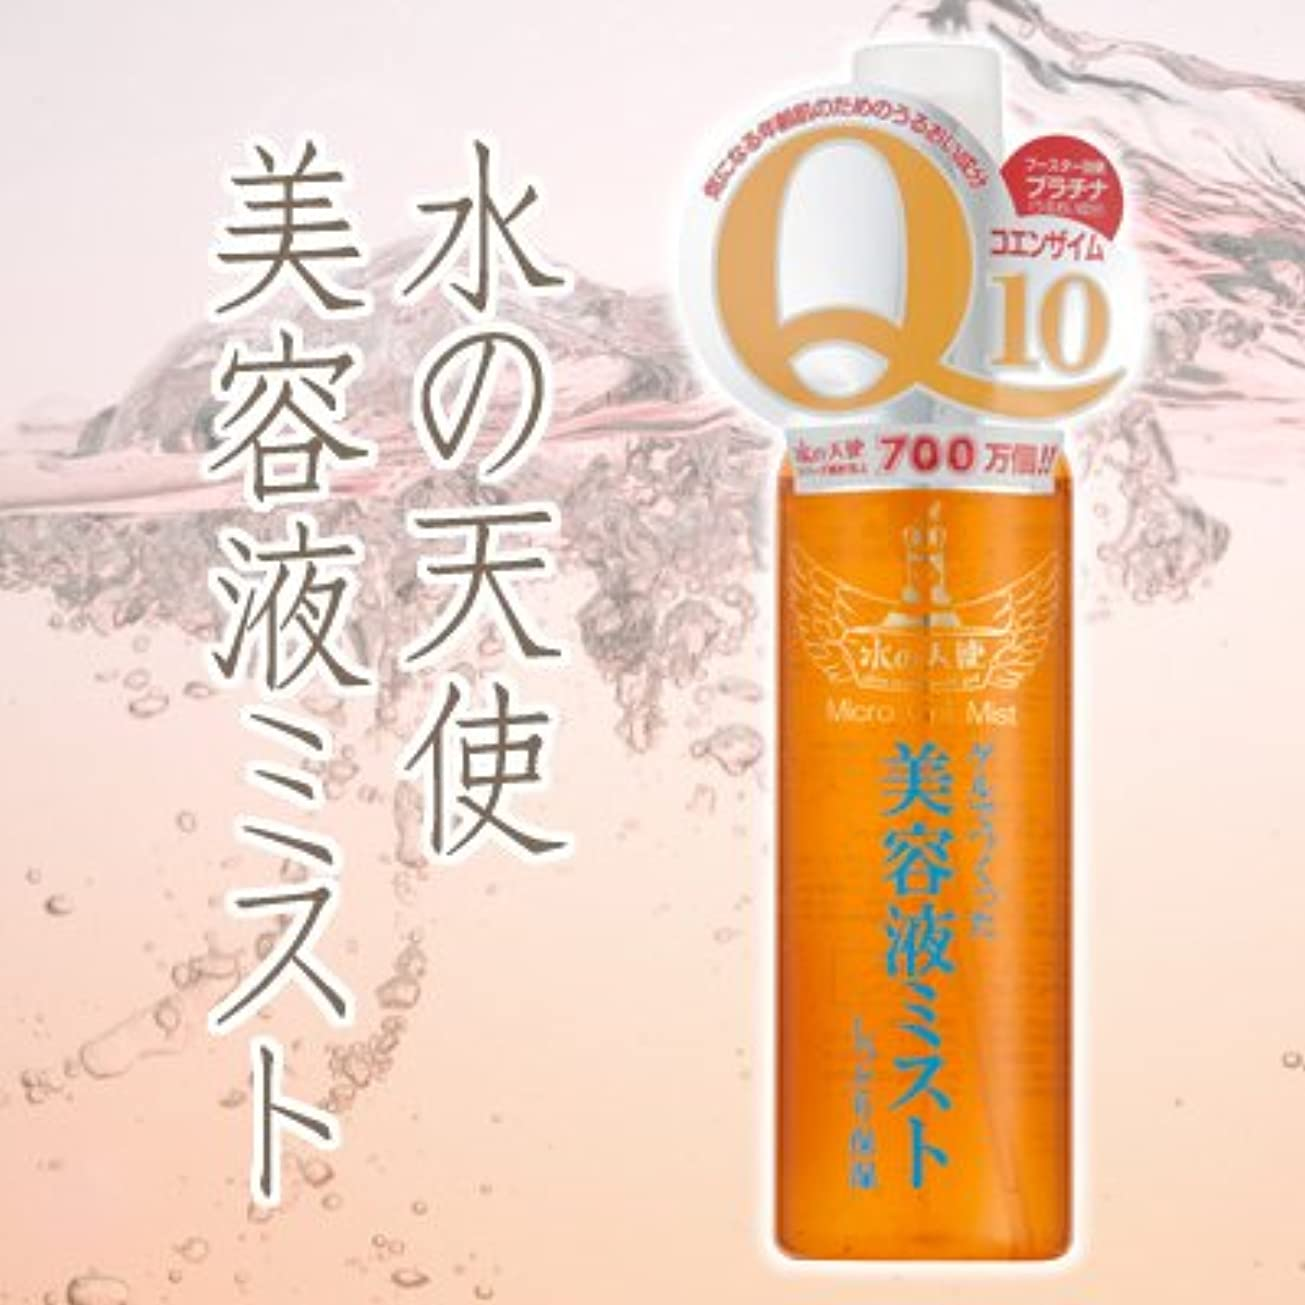 提出するサイバースペースチーフ水の天使美容液ミスト 120ml 3個セット ※あの「水の天使」シリーズから美容液ミストが新登場!